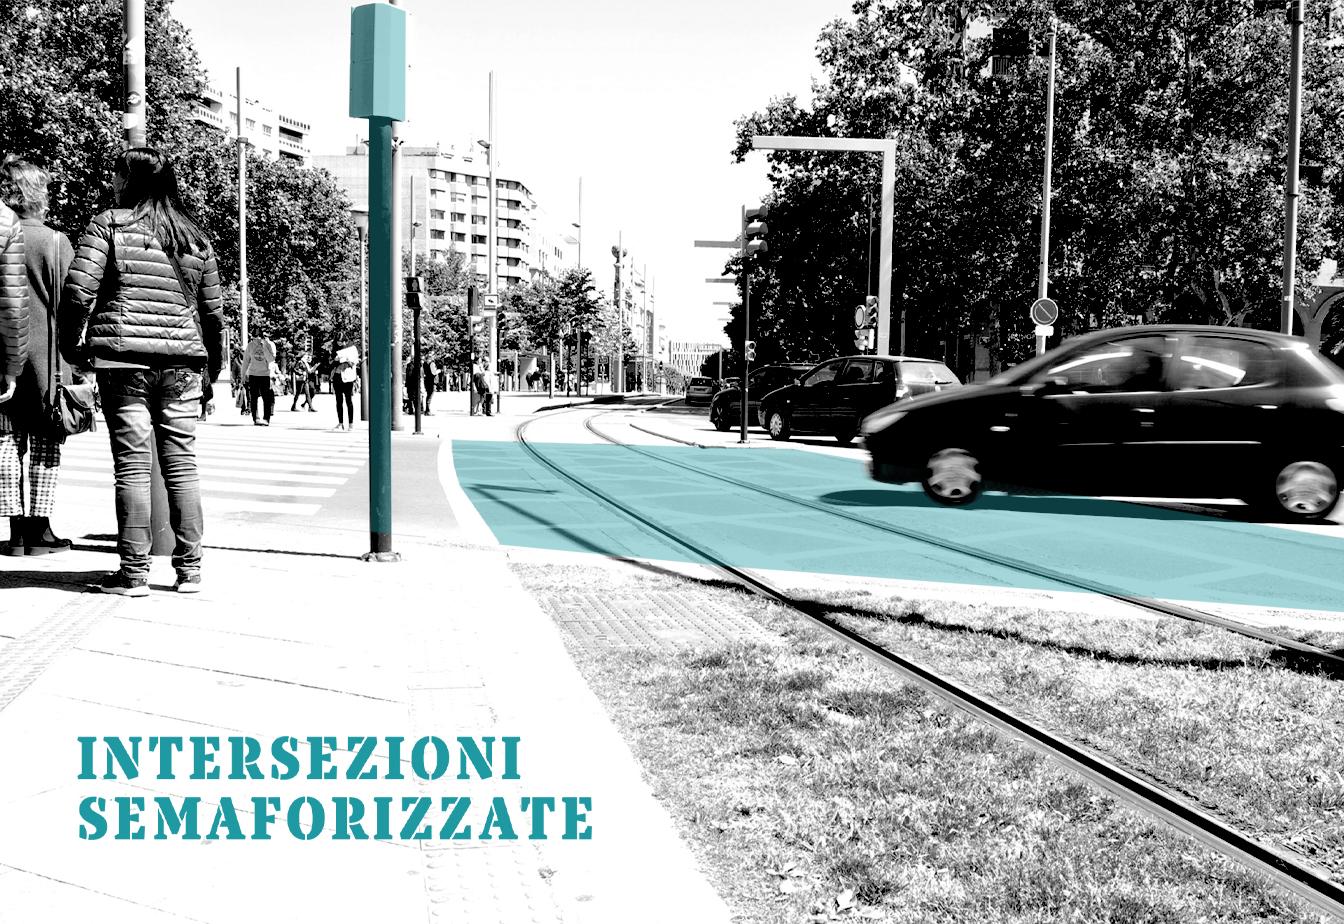 Intersezioni semaforizzate